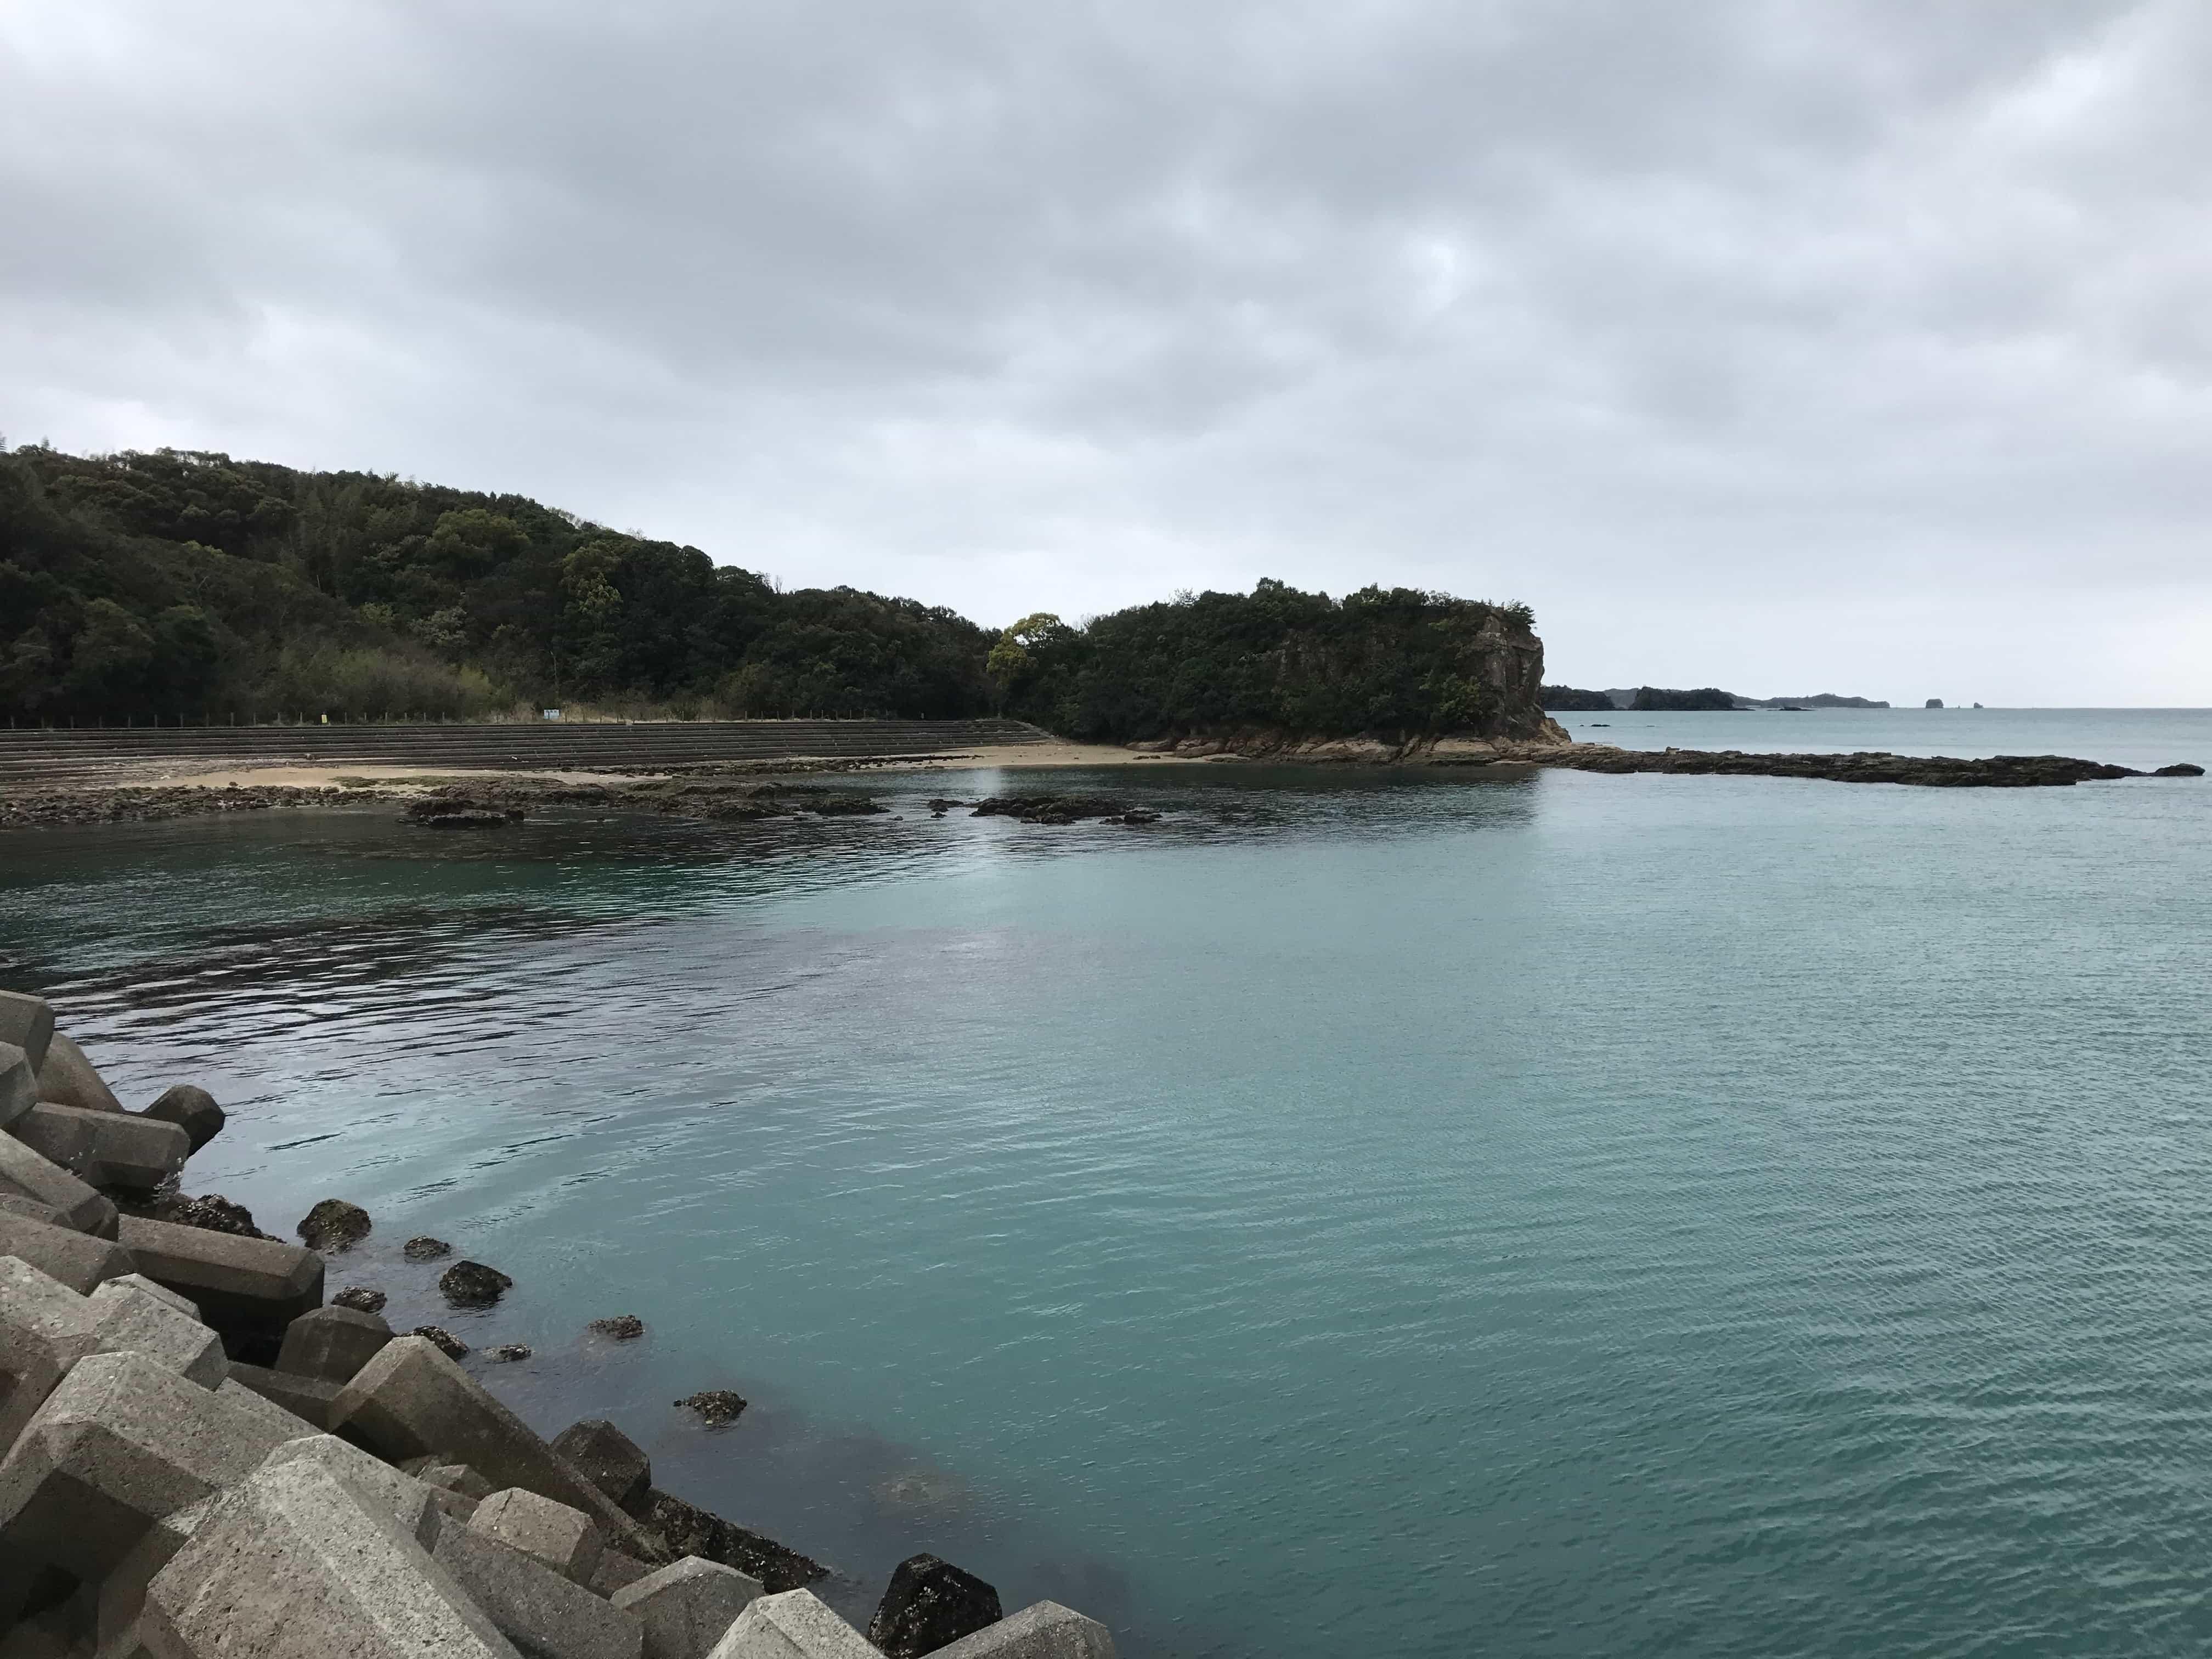 新庄漁港の釣り場紹介(和歌山県田辺市)春イカ狙いと白浜釣行のお土産釣り場